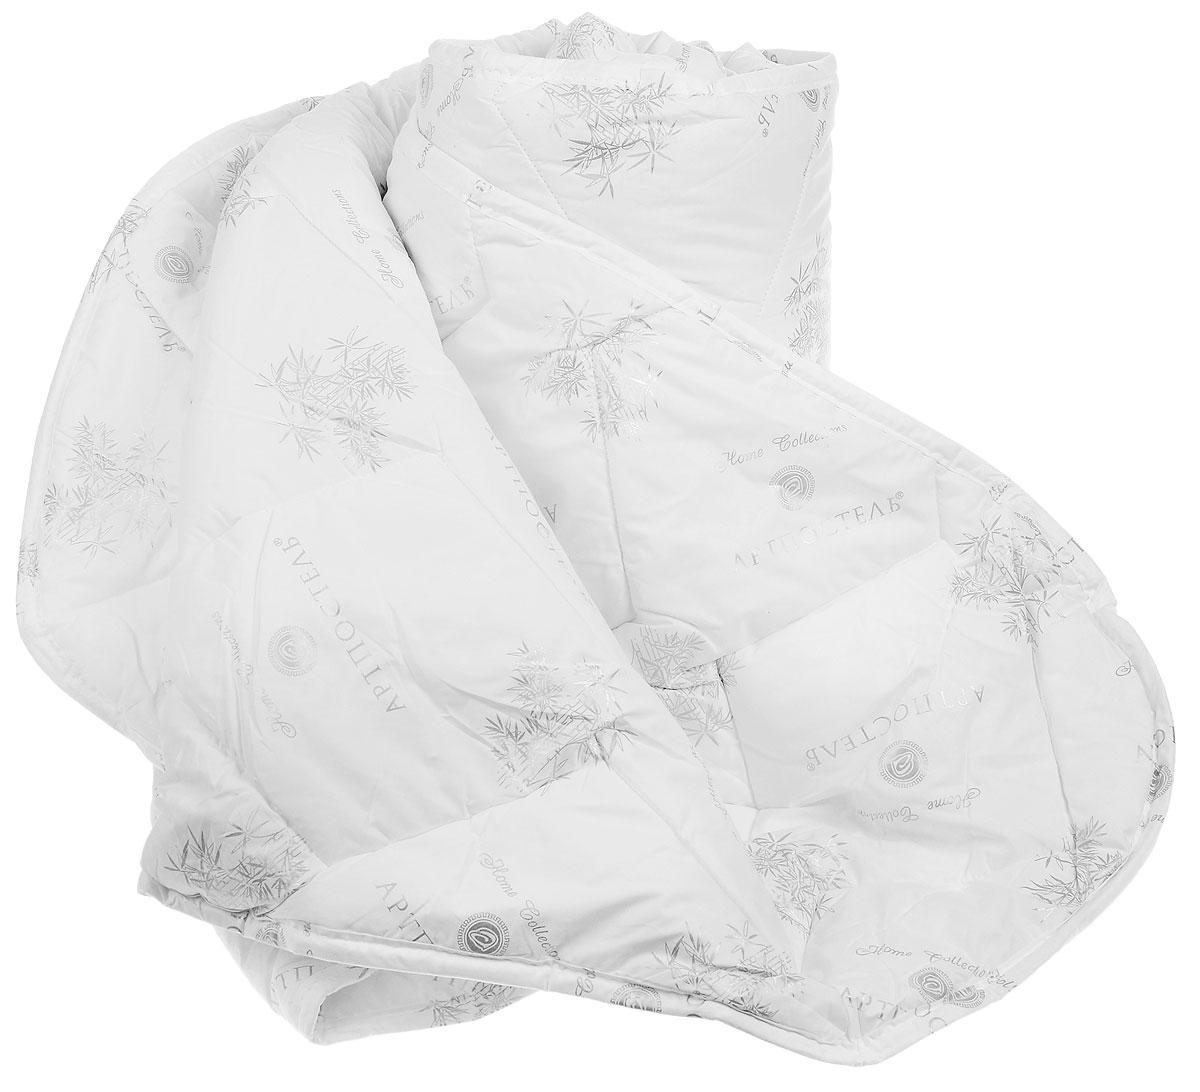 Одеяло Арт Постель, наполнитель: бамбуковые и полиэфирные волокна, 200 х 215 см2096мОдеяло Арт Постель обеспечит вам здоровый сон и комфорт. Чехол, выполненный из 100% хлопка (тик пухоперовой), оформлен фигурной стежкой и рисунком бамбука. В качестве наполнителя используются волокно бамбука (35%) и полиэфирное волокно (65%). Благодаря своему растительному происхождению, волокно бамбука является экологически чистым продуктом с прекрасными вентилирующими свойствами. Наполнитель из волокна бамбука обладает мягкостью и пористой структурой, которая помогает бороться с потоотделением, регулирует влажность и выравнивает температуру, создавая охлаждающий эффект. Волокно бамбука антиаллергенно и обладает антибактериальными свойствами, естественным образом уничтожая более 70% бактерий, попадающих на него. Одеяло с таким наполнителем создаст прекрасный микроклимат для вашего сна. Одеяло упаковано в пластиковую сумку-чехол, закрывающуюся на застежку- молнию. Рекомендации по уходу: - Можно стирать в стиральной машине....